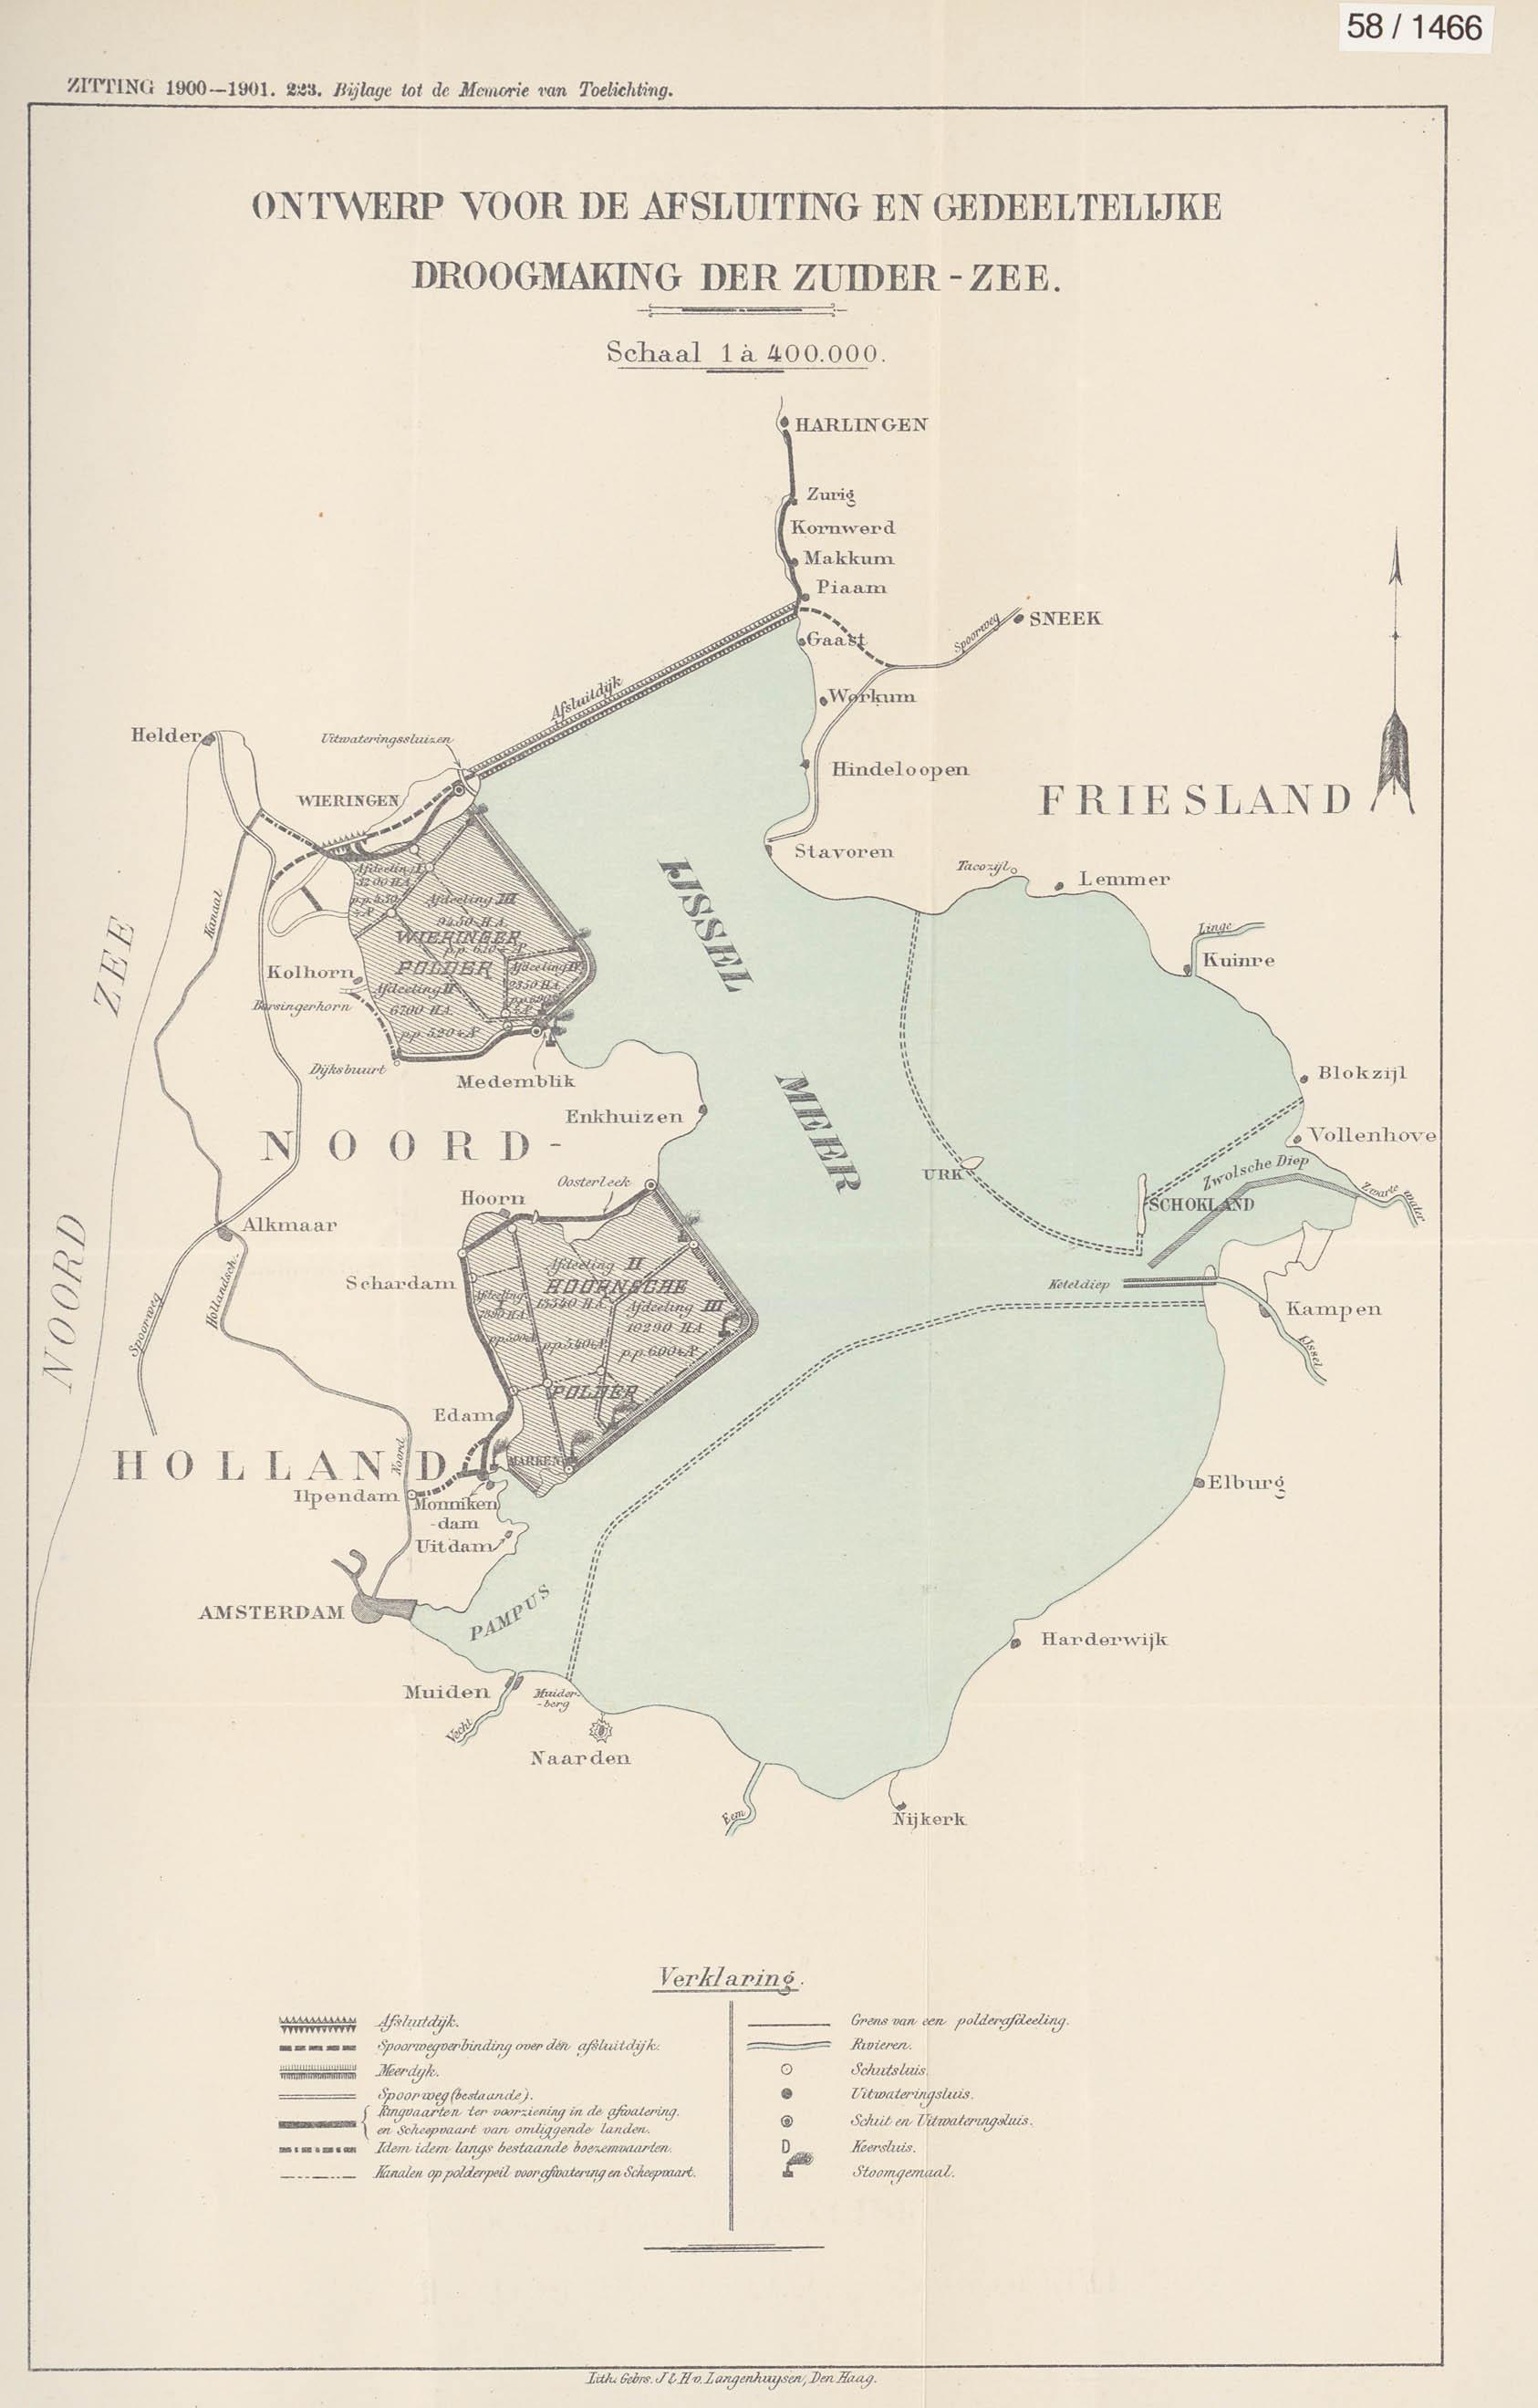 Afsluitdijk toerisme zeilen scheepvaart IJsselmeer Zuiderzee havens dorpen polders